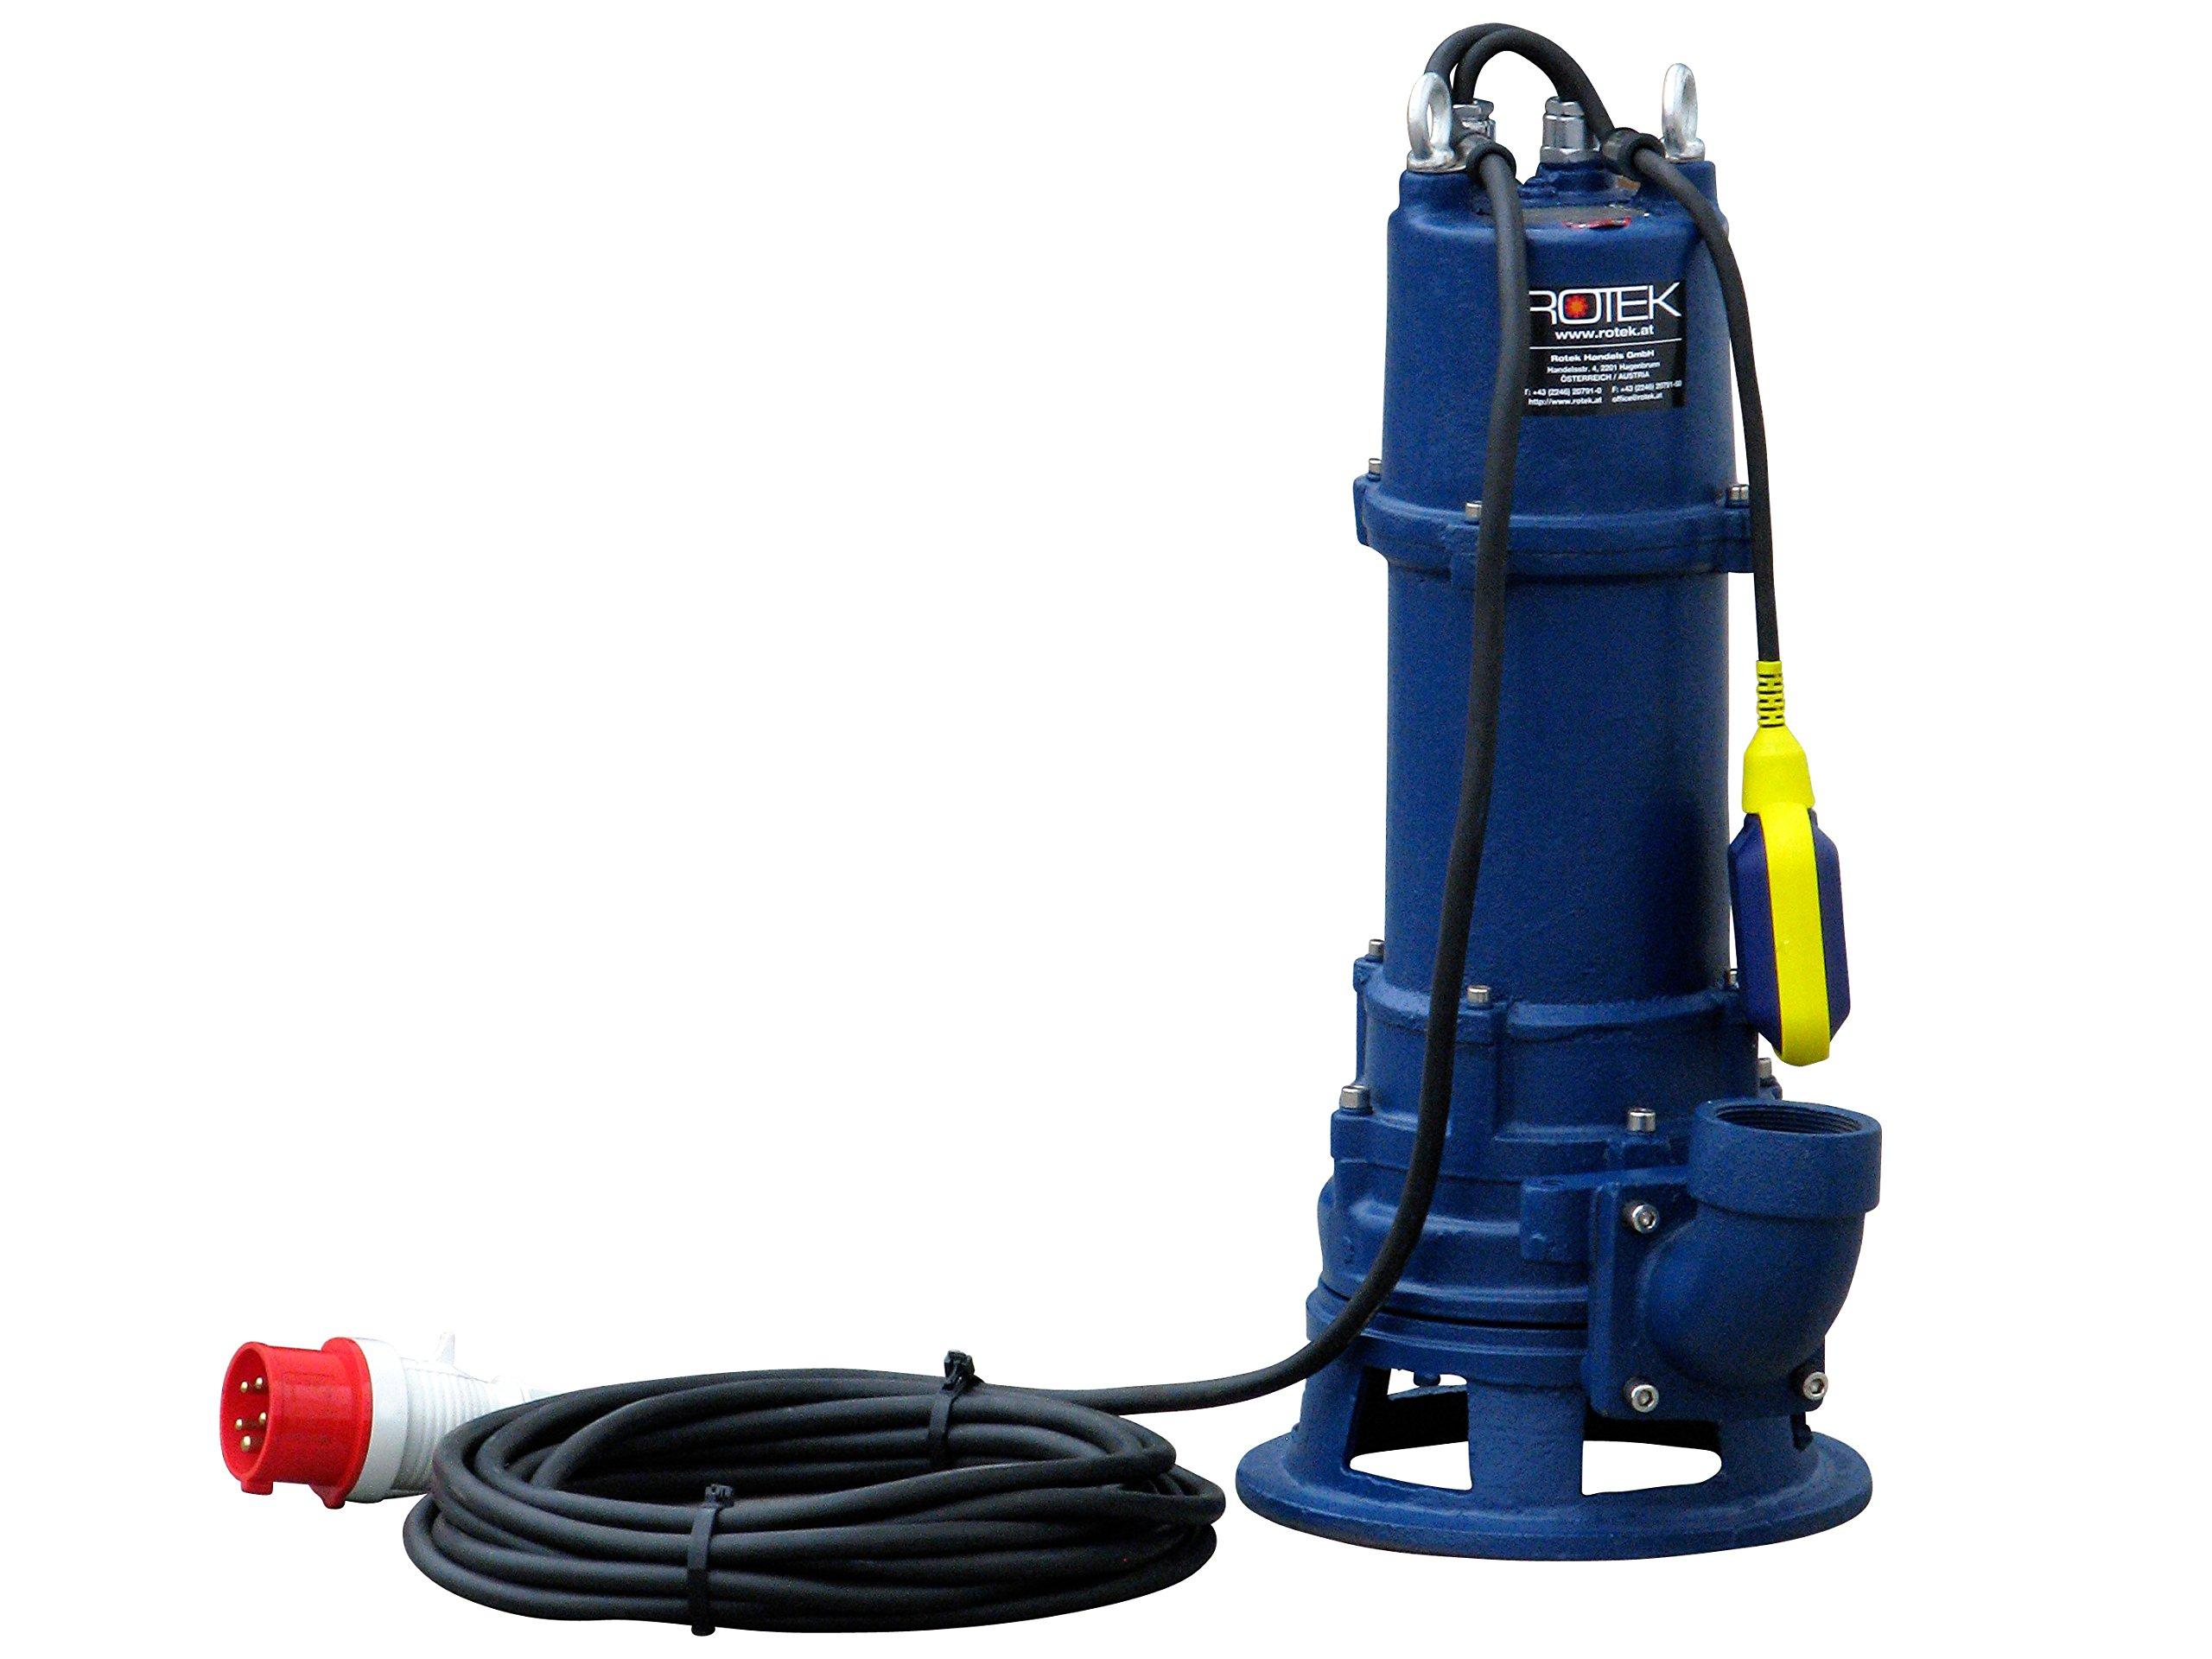 Rotek-elektrische-Schmutzwasser-Tauchpumpe-mit-Schredderwerk-Hcksler-und-Stahlgehuse